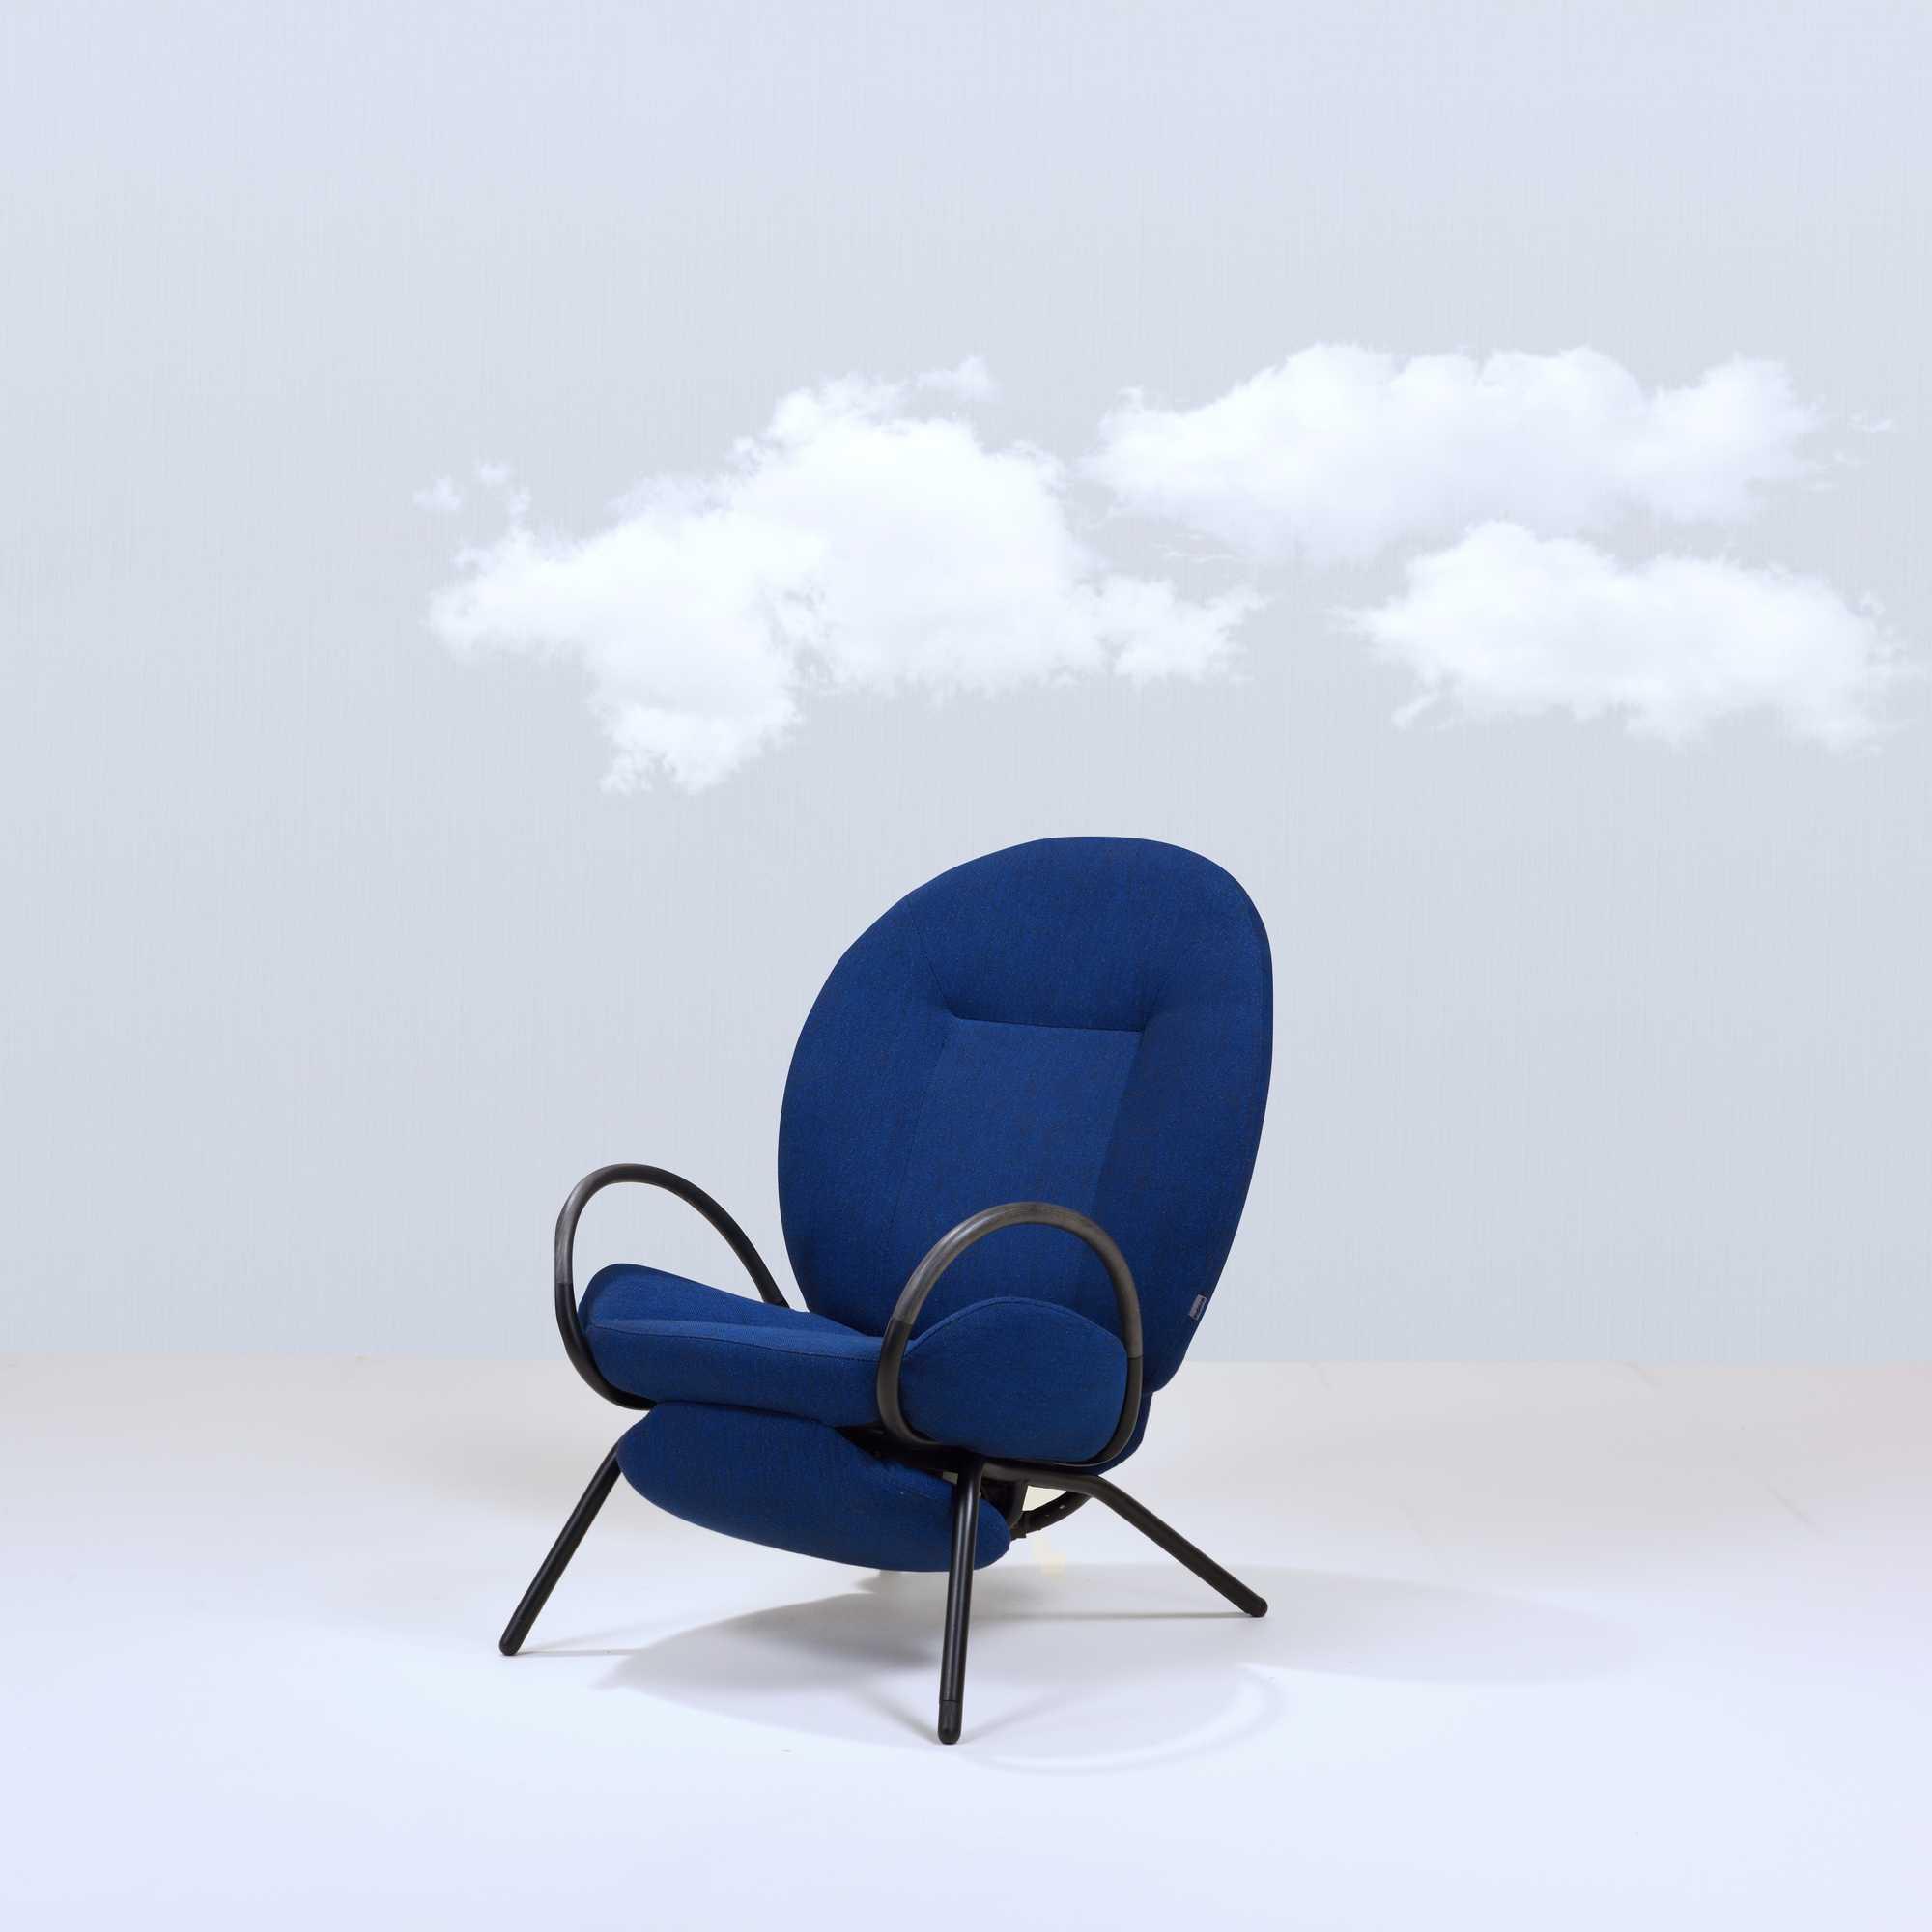 CLOUD chair lr